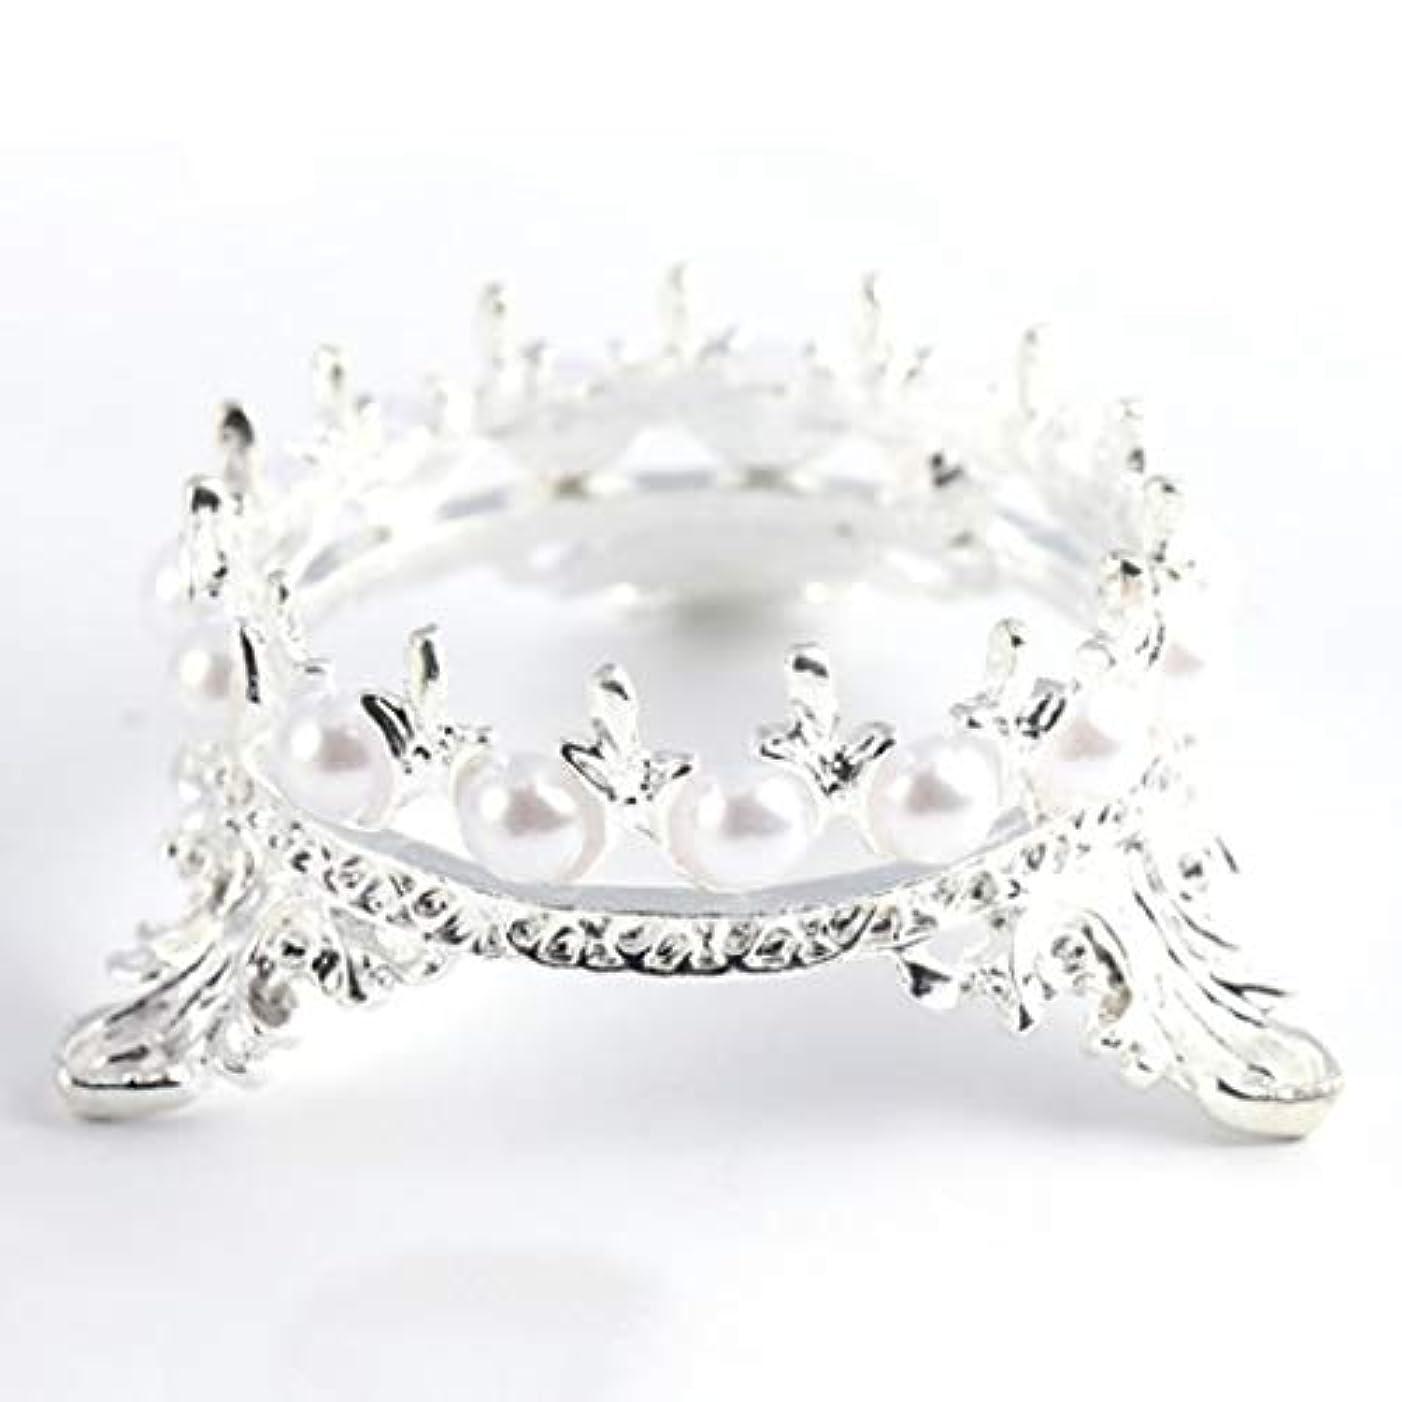 白鳥夜明けクラッチOU-Kunmlef 価値のある1 xクラウンスタンドペンブラシホルダーパールネイルアートペンラックマニキュアネイルアートツール必需品(None Silver Crown Penholder)